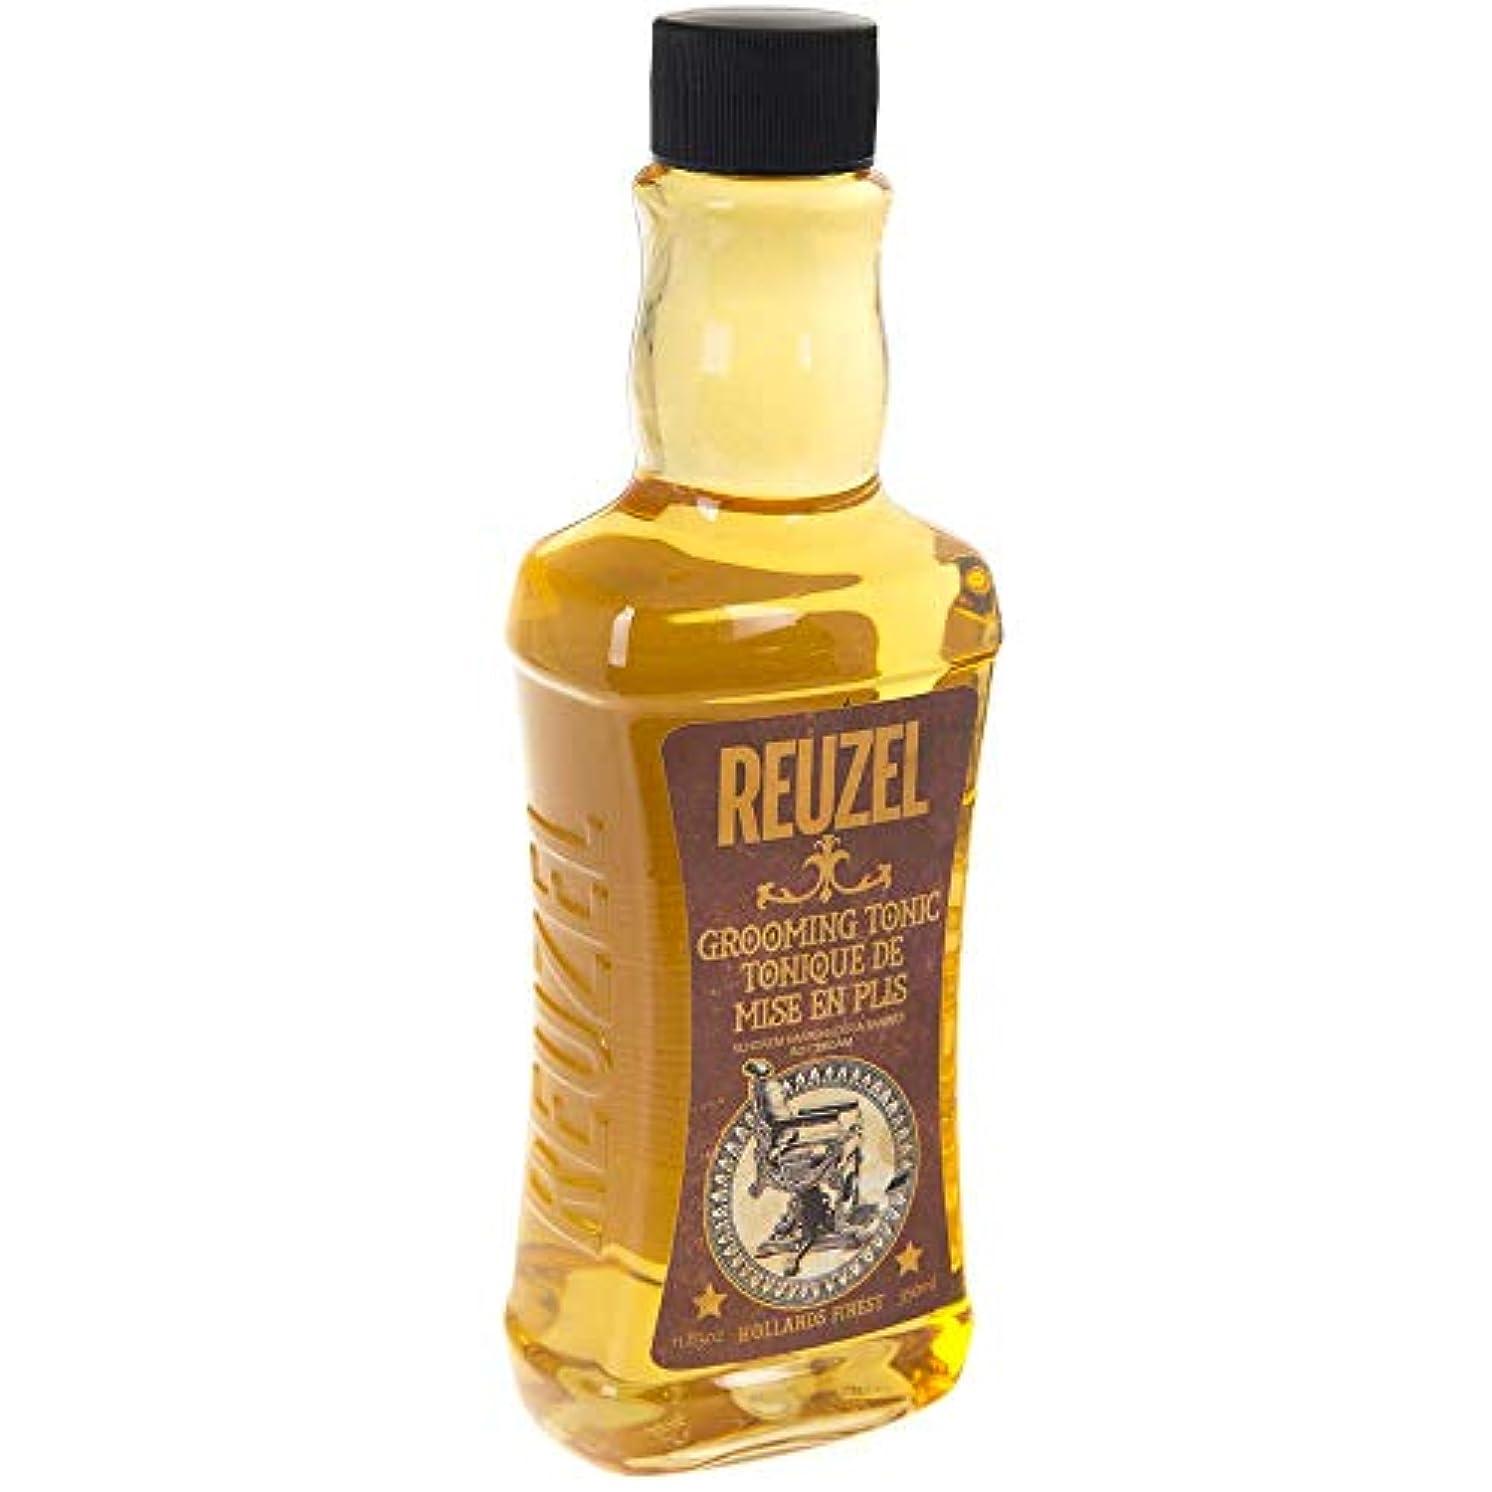 発見ブラウザ折ルーゾー グルーミング トニック Reuzel Grooming Tonic 350 ml [並行輸入品]